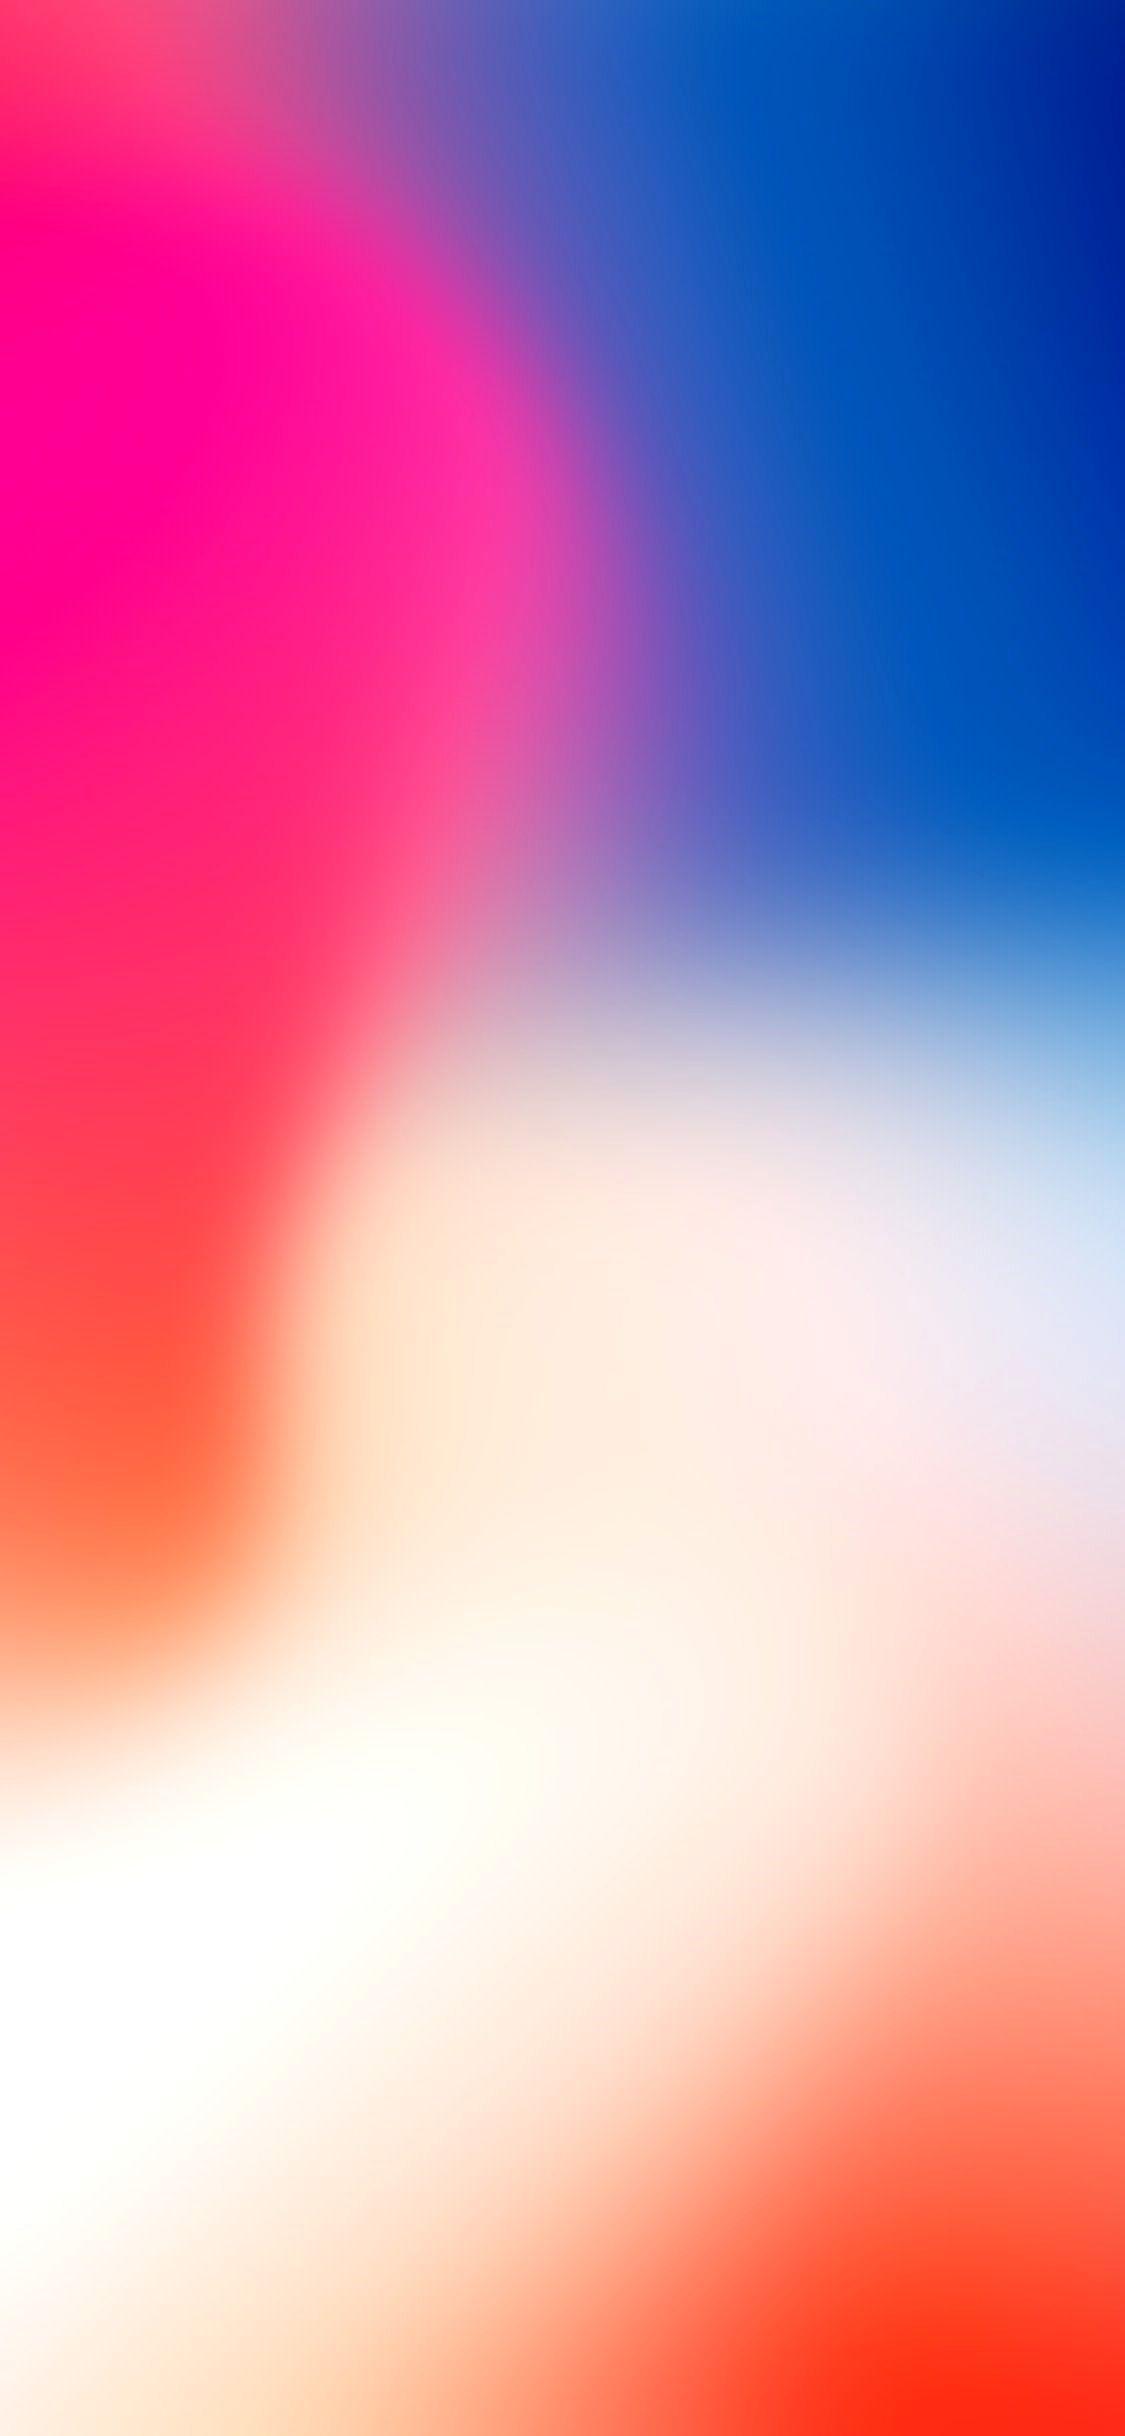 Iphone X Wallpaper 4k Original Ideas Fondos De Pantalla De